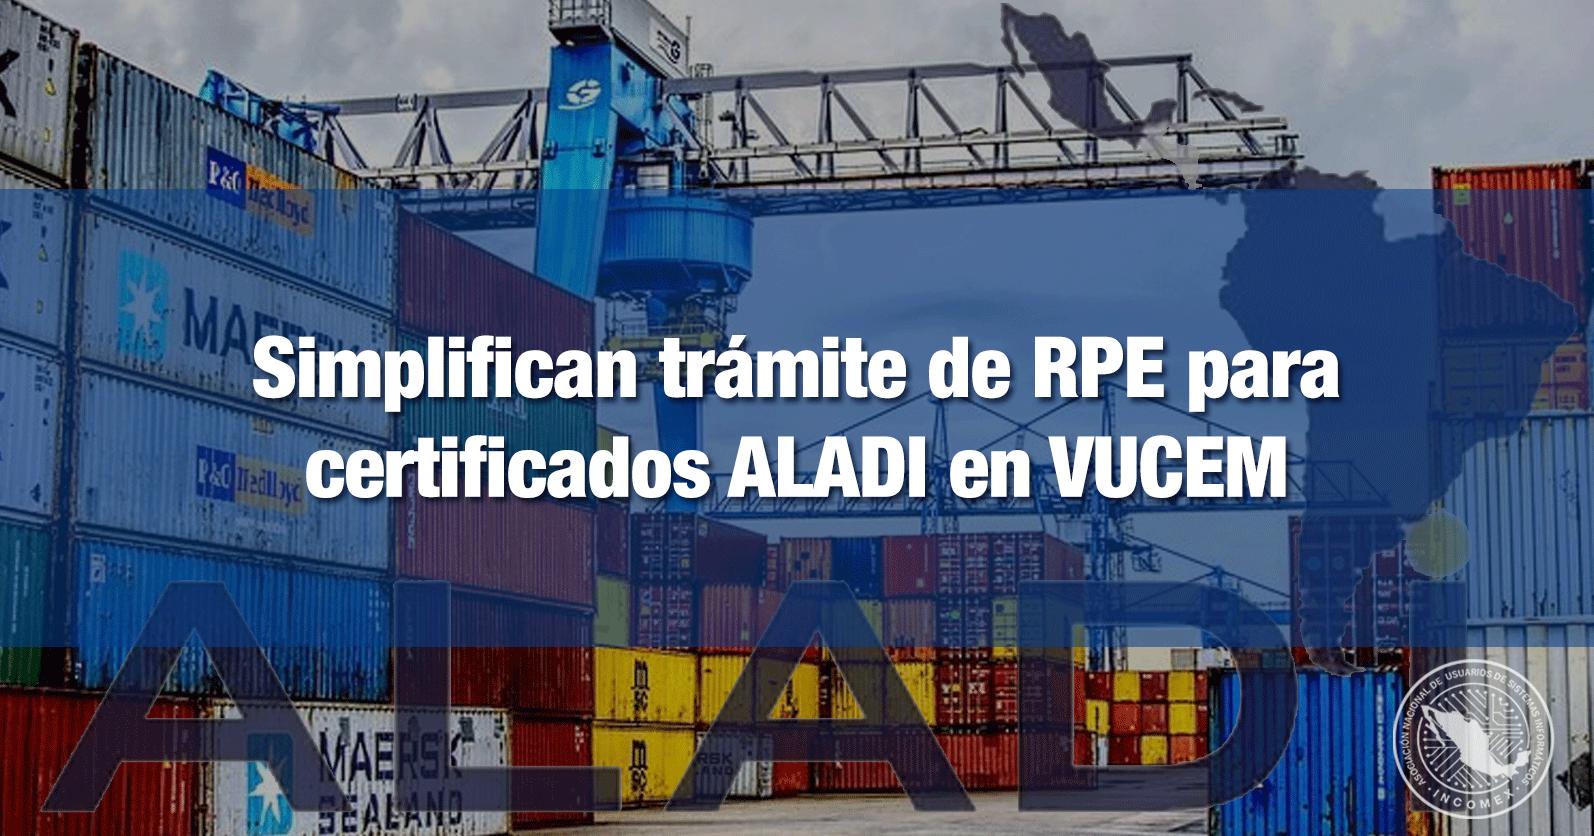 Simplifican trámite de RPE para certificados ALADI en VUCEM